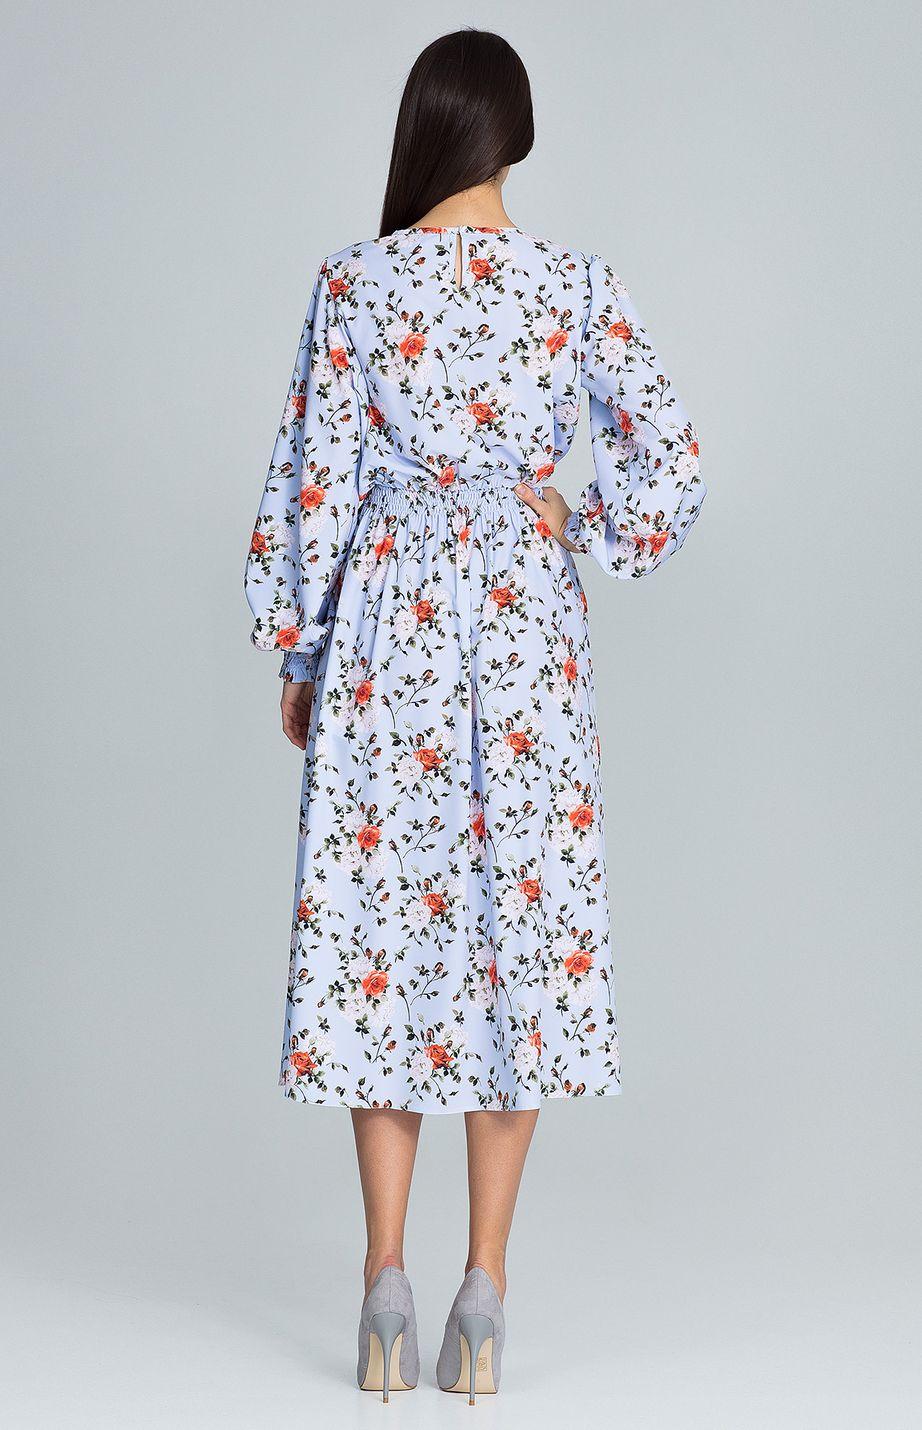 ed144693d23 Robe longue imprimée fleurs Liberty FLM600 76   idresstocode  boutique de  déshabillés et nuisettes